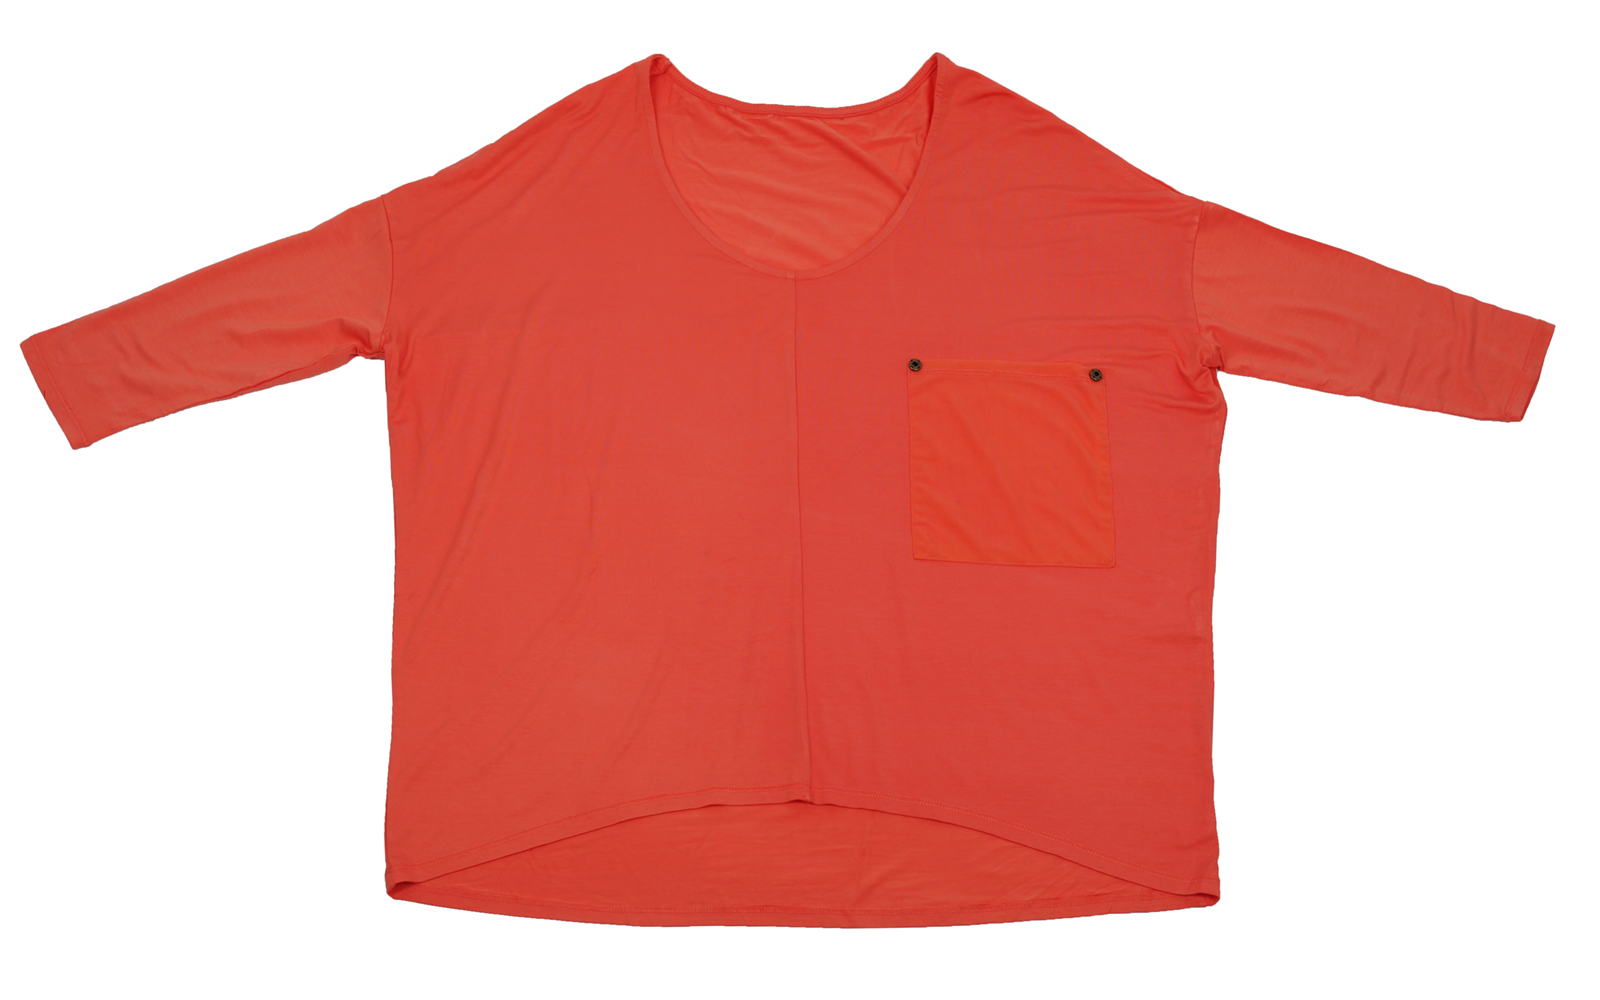 Кофточка Kerisma жизнерадостного цвета. Фирменная вещь по лояльной цене